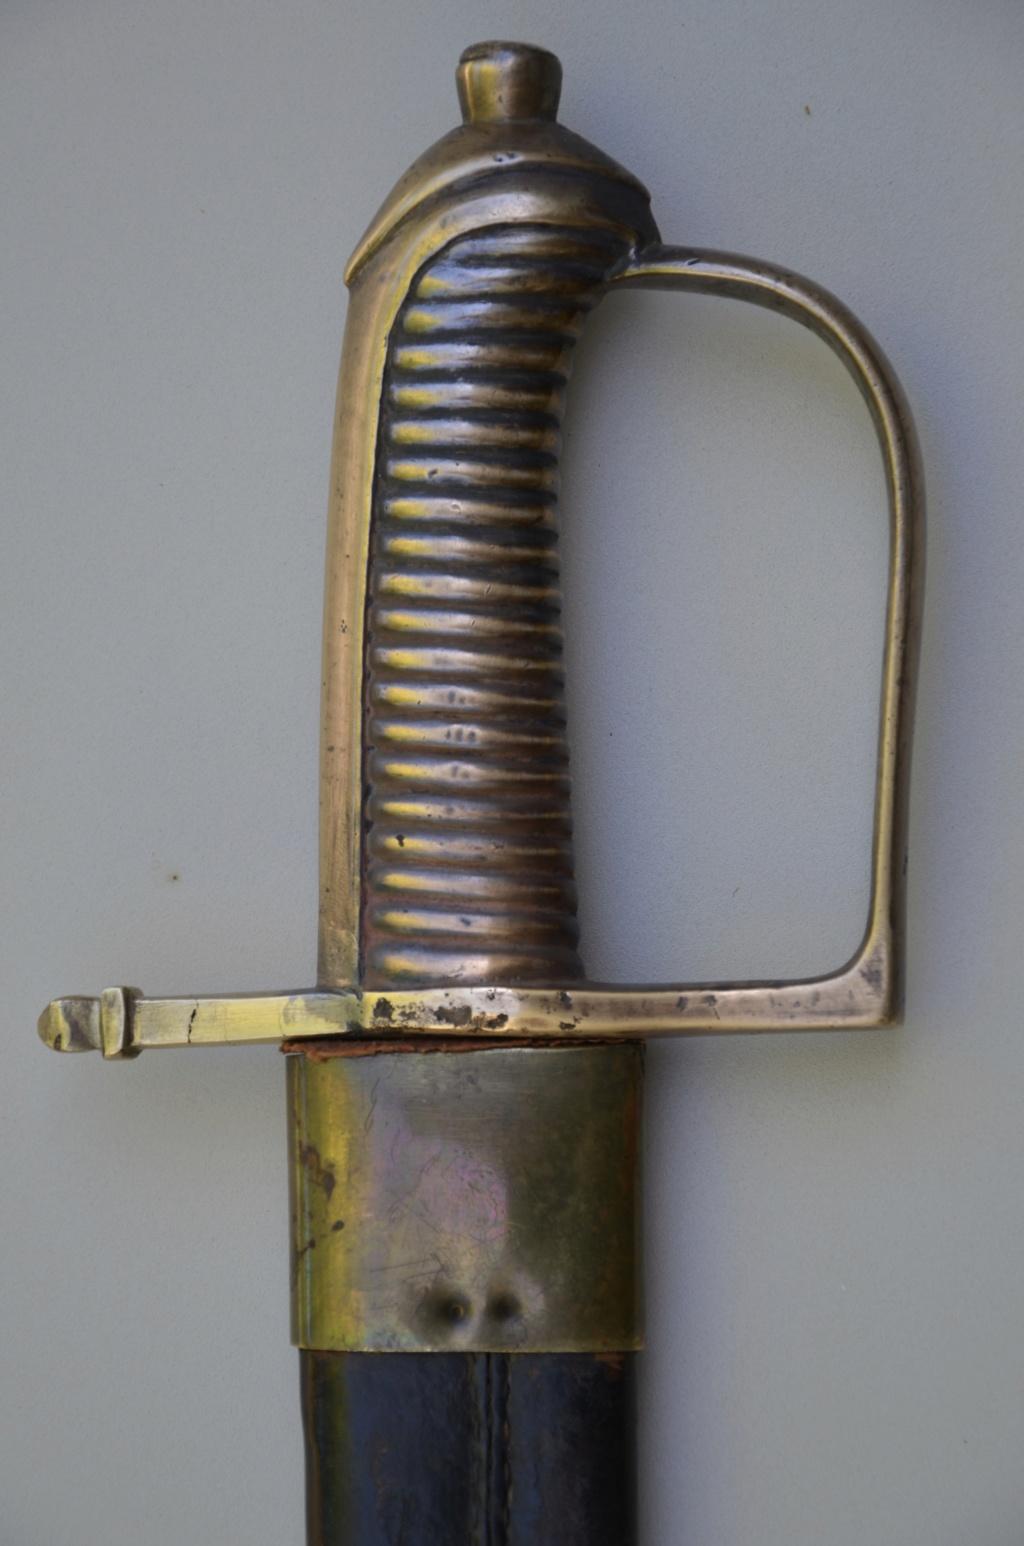 Les sabres briquets 1ère partie : les modèles 1767 et 1790 7a4cdd10